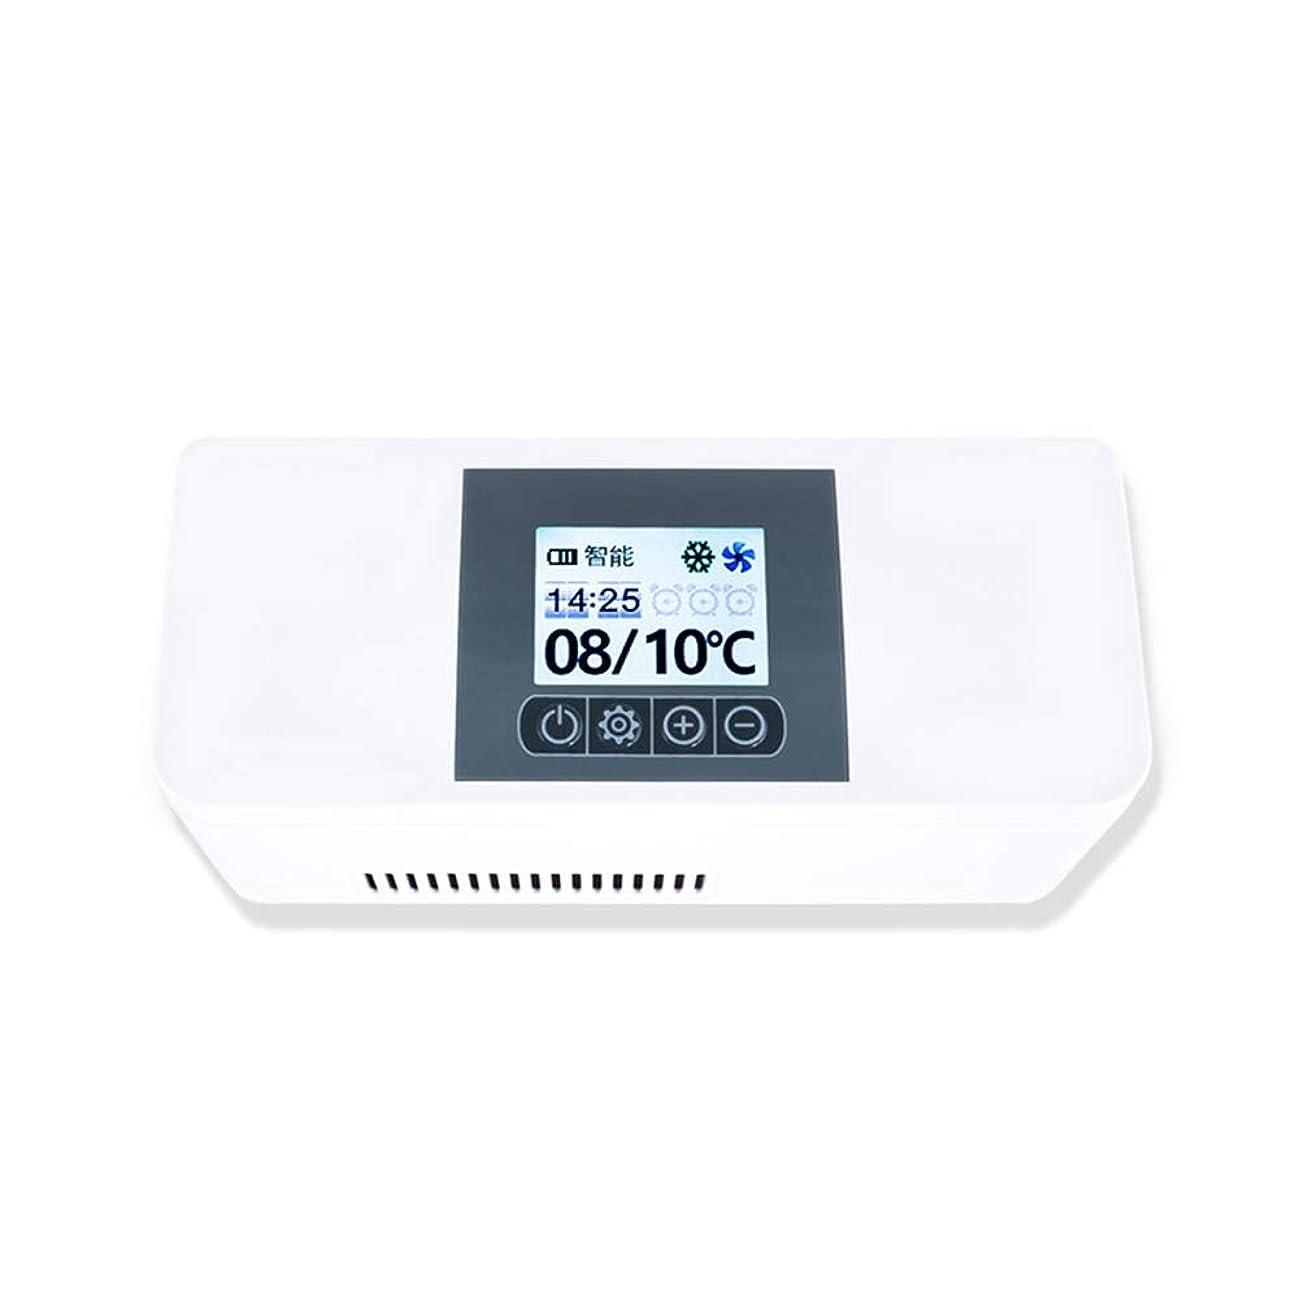 心理学ヒューズ維持Xyanzi ミニ冷蔵庫 旅行薬剤冷却装置、小型インシュリンのより涼しい車の冷却装置は糖尿病の薬物を保ち、涼しく、絶縁された冷凍車の小さい冷却装置を保ちます